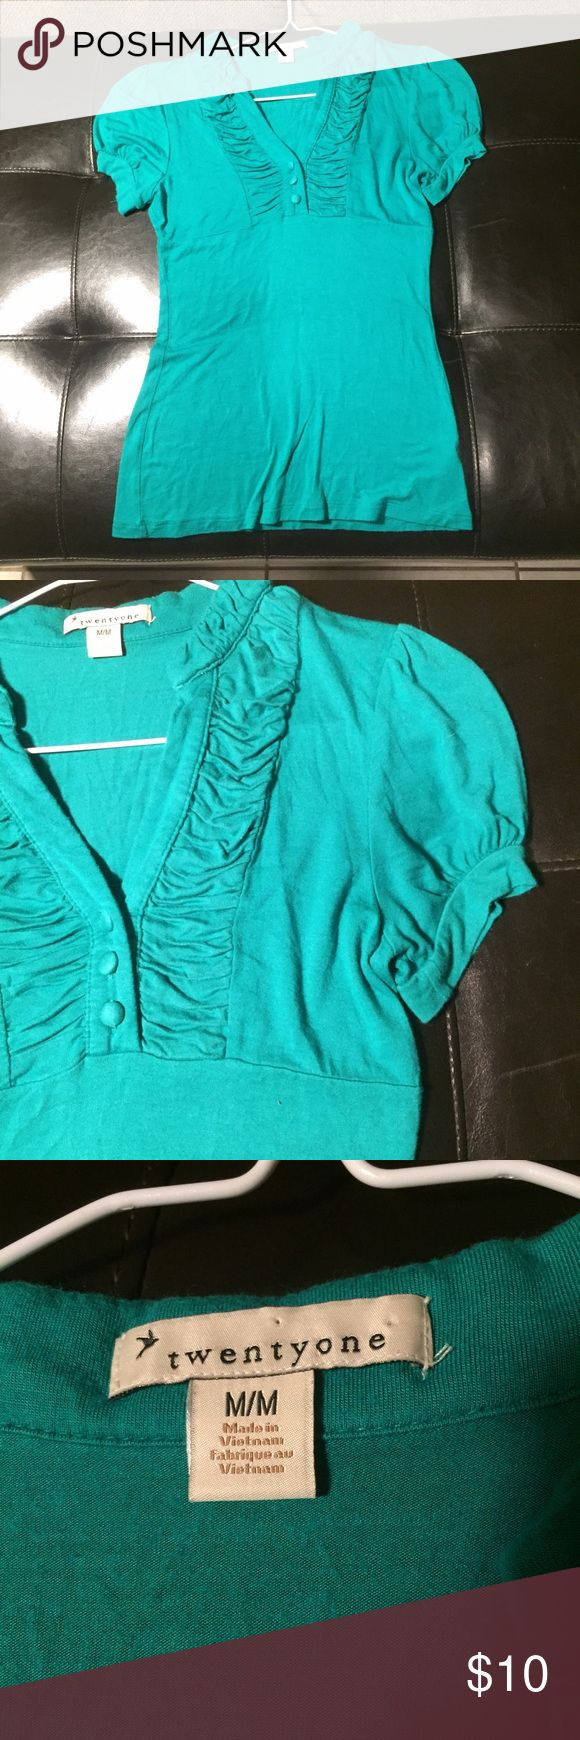 Forever 21 green/blue short sleeve top Forever 21 green/blue short sleeve top Forever 21 Tops